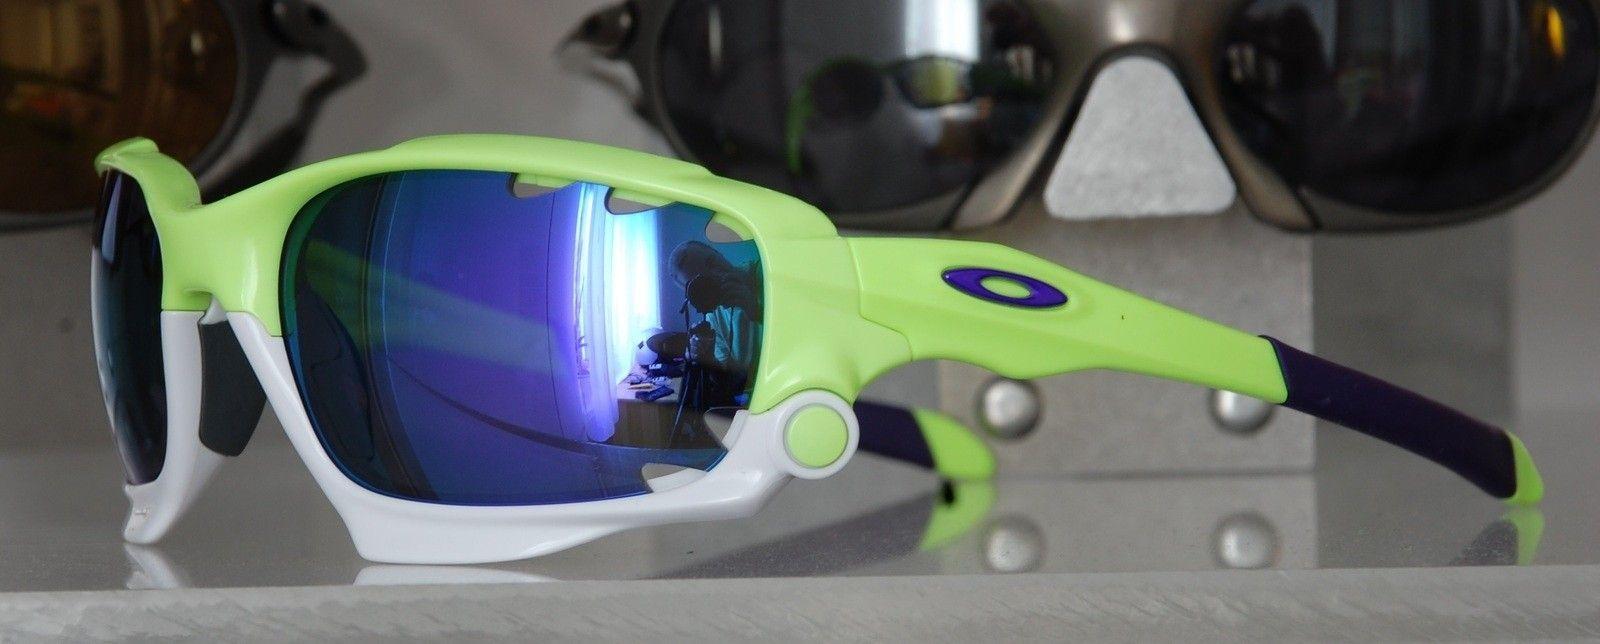 3efb4d9b35f1 Infinite Hero Split Jacket frame with Positive Red polarized lenses